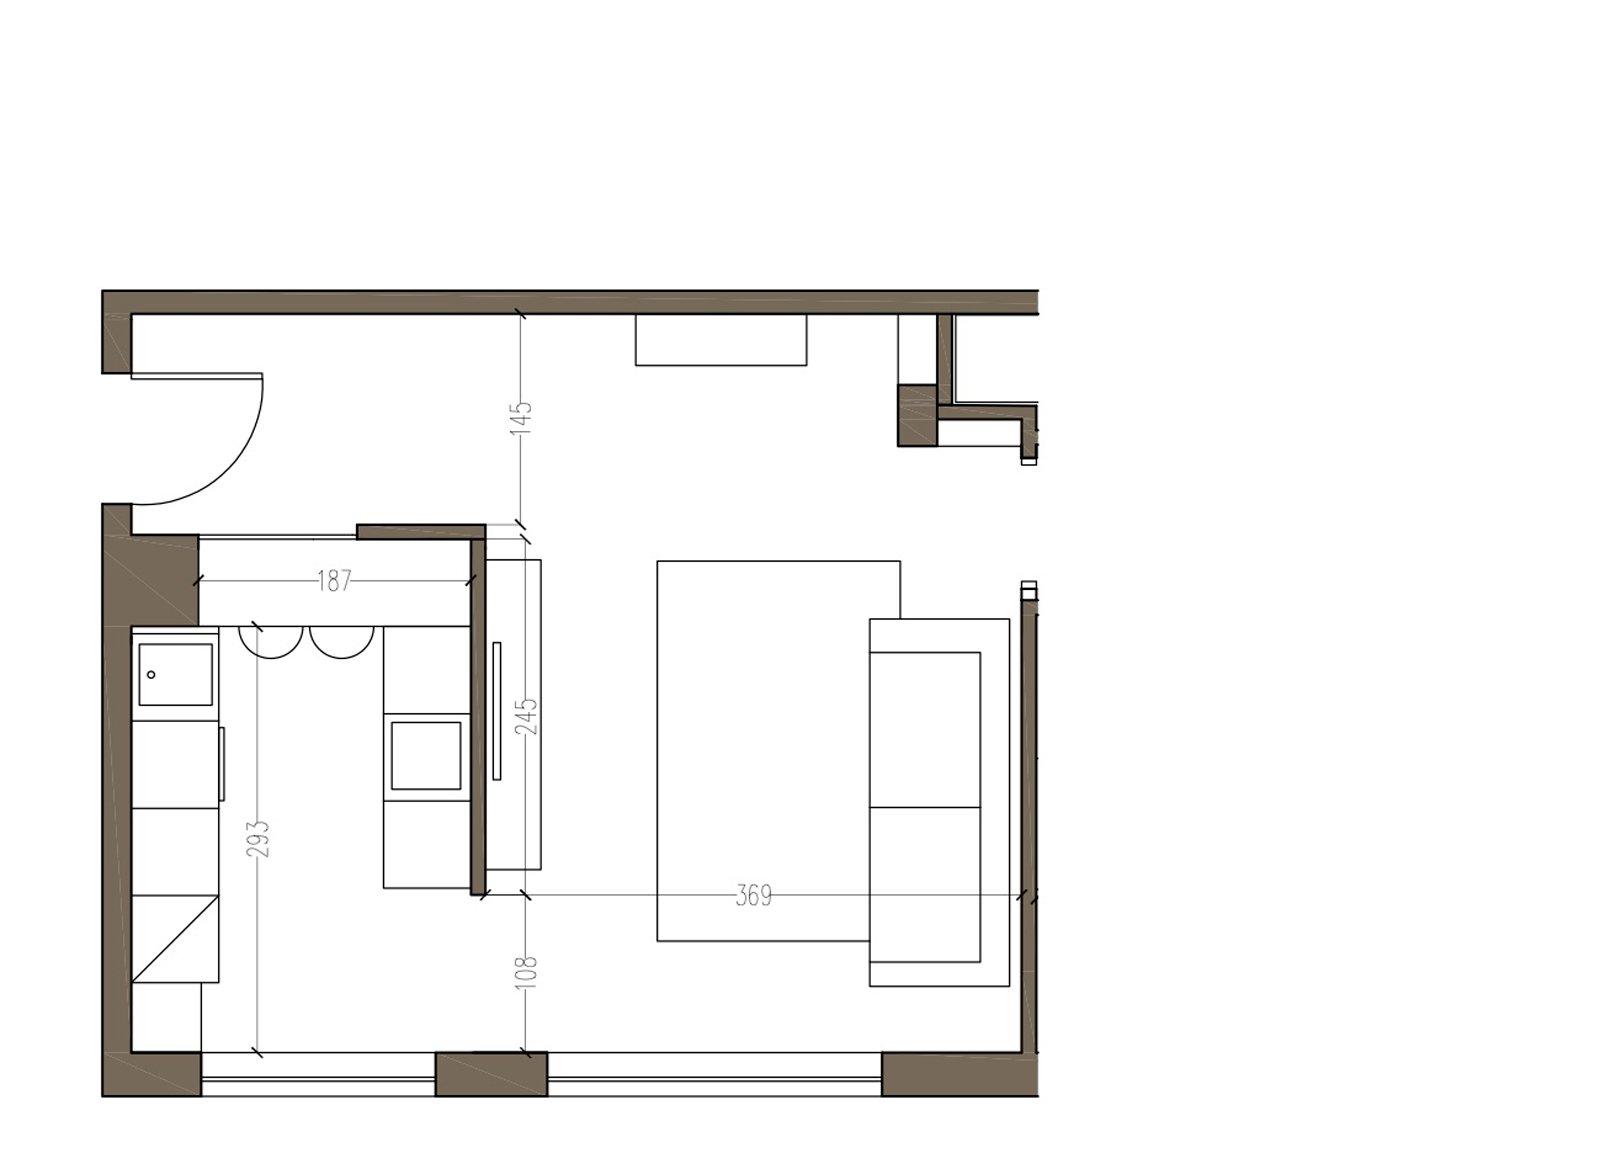 Arredamento cucine piccole un progetto per meno di 6 mq cose di casa - Progetto arredo cucina ...